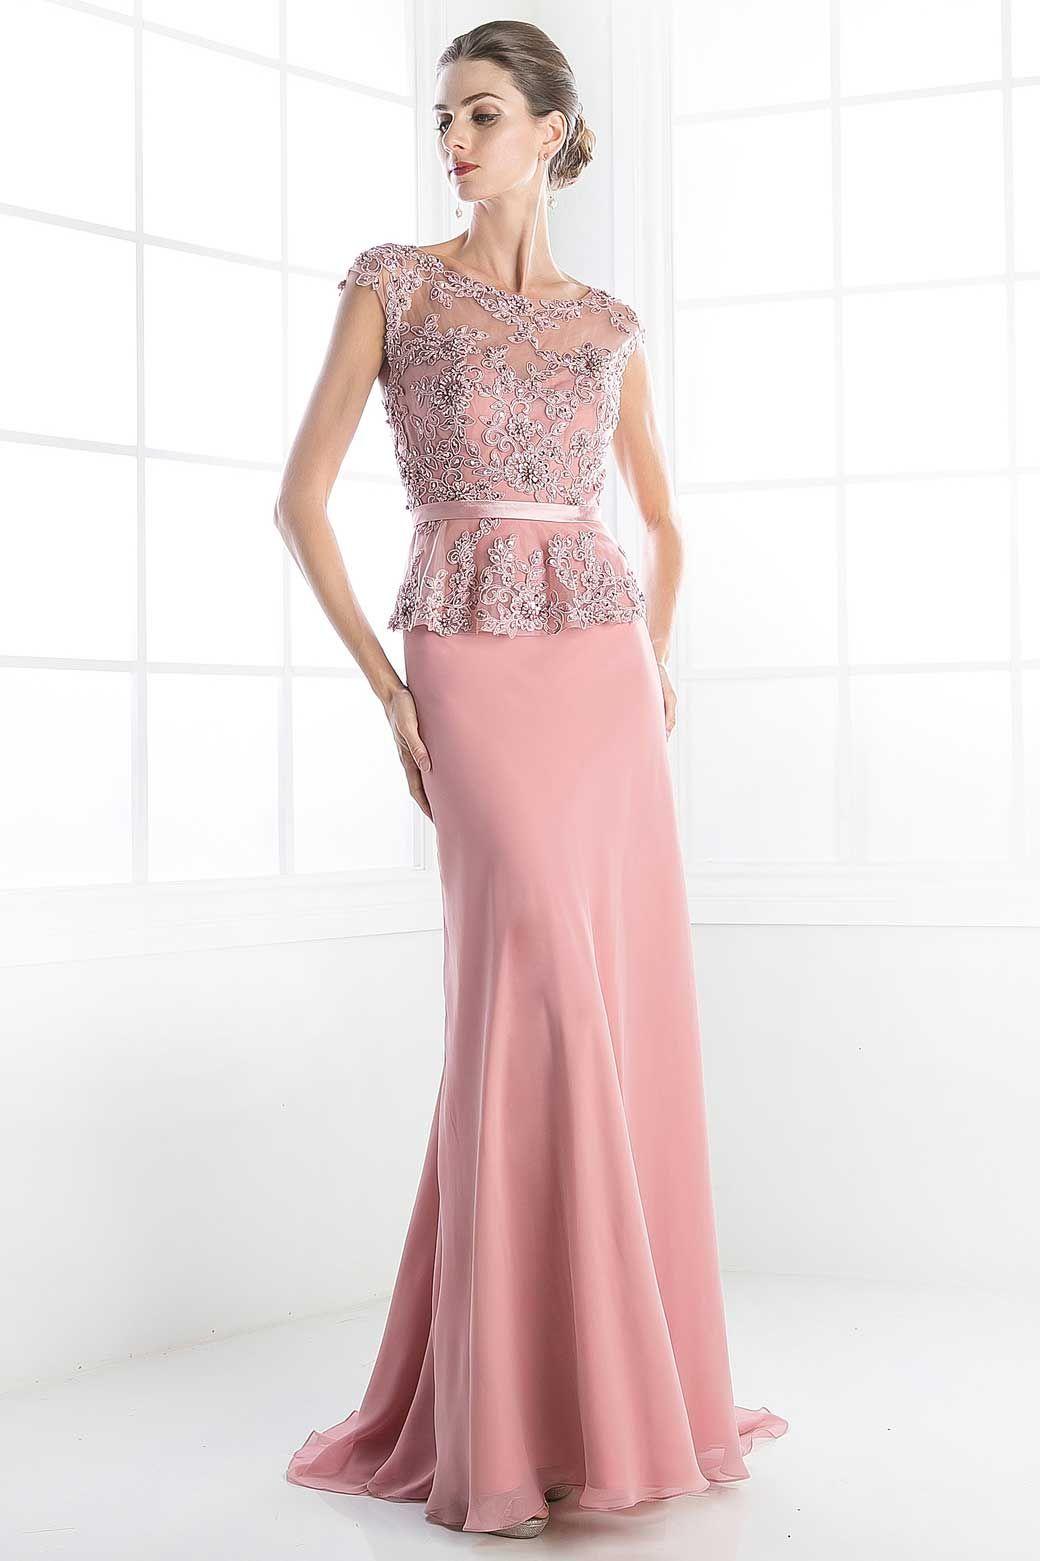 Pin de SMC wholesale dresses en 2016 Year New Collection | Pinterest ...